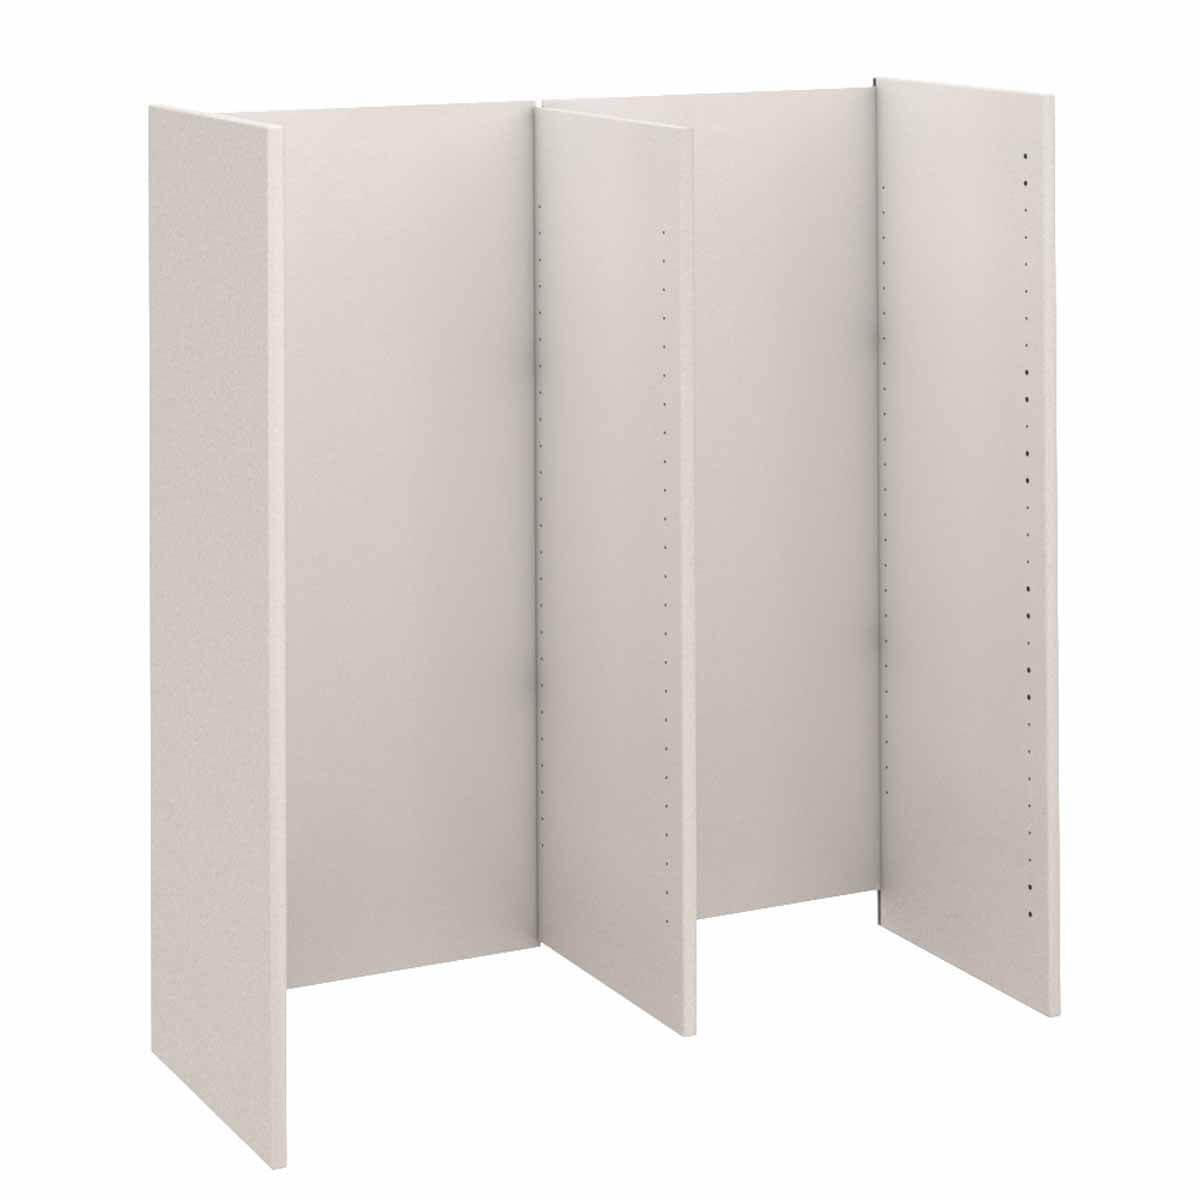 Regal groß Bauteil Seite-Mitte-Rueckwand KASVA Mdf weiß-lackiert